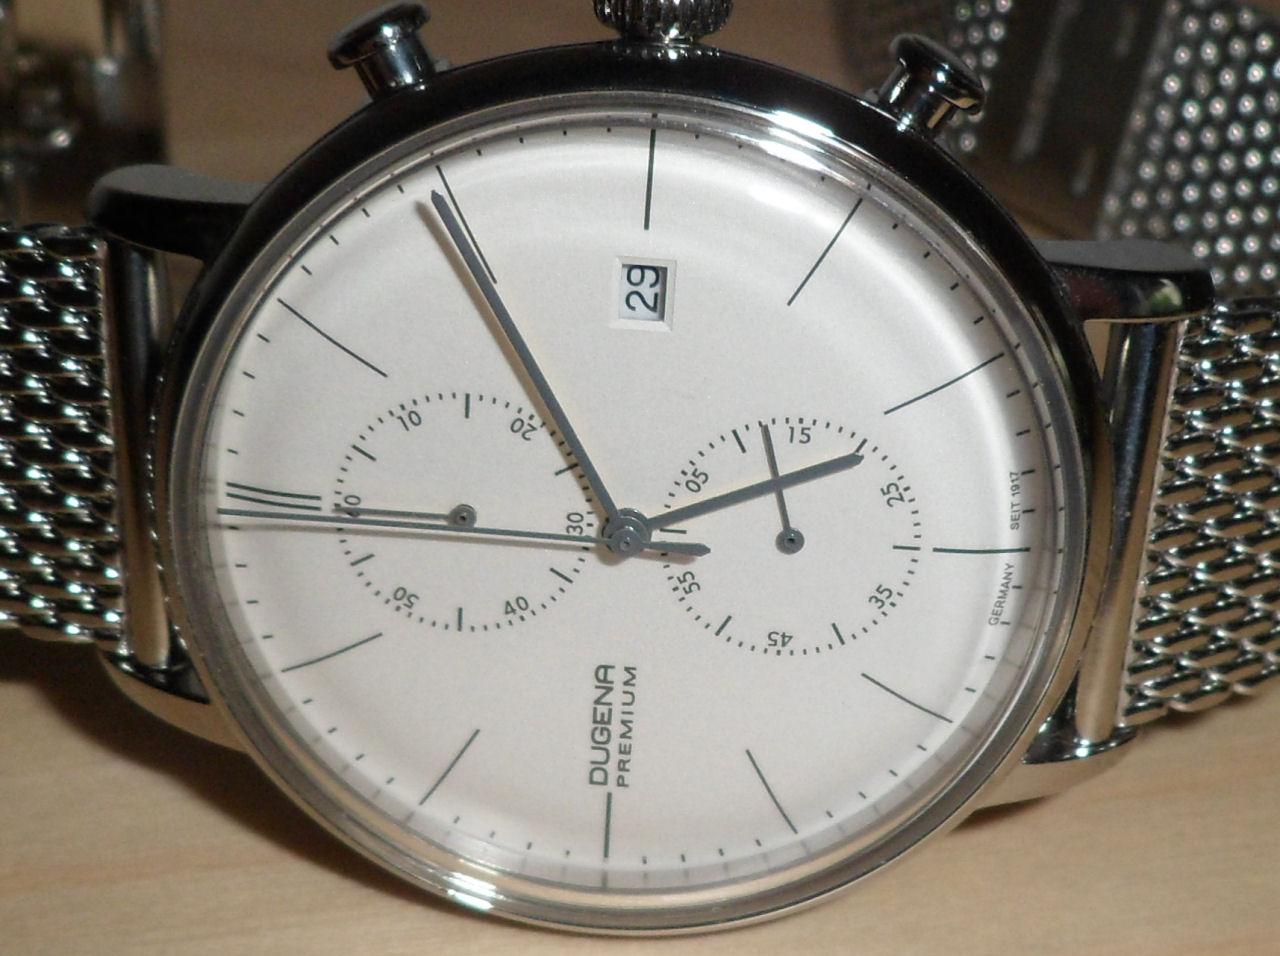 Dugena premium dessau chronograph bauhaus inspired watch for Replica bauhaus